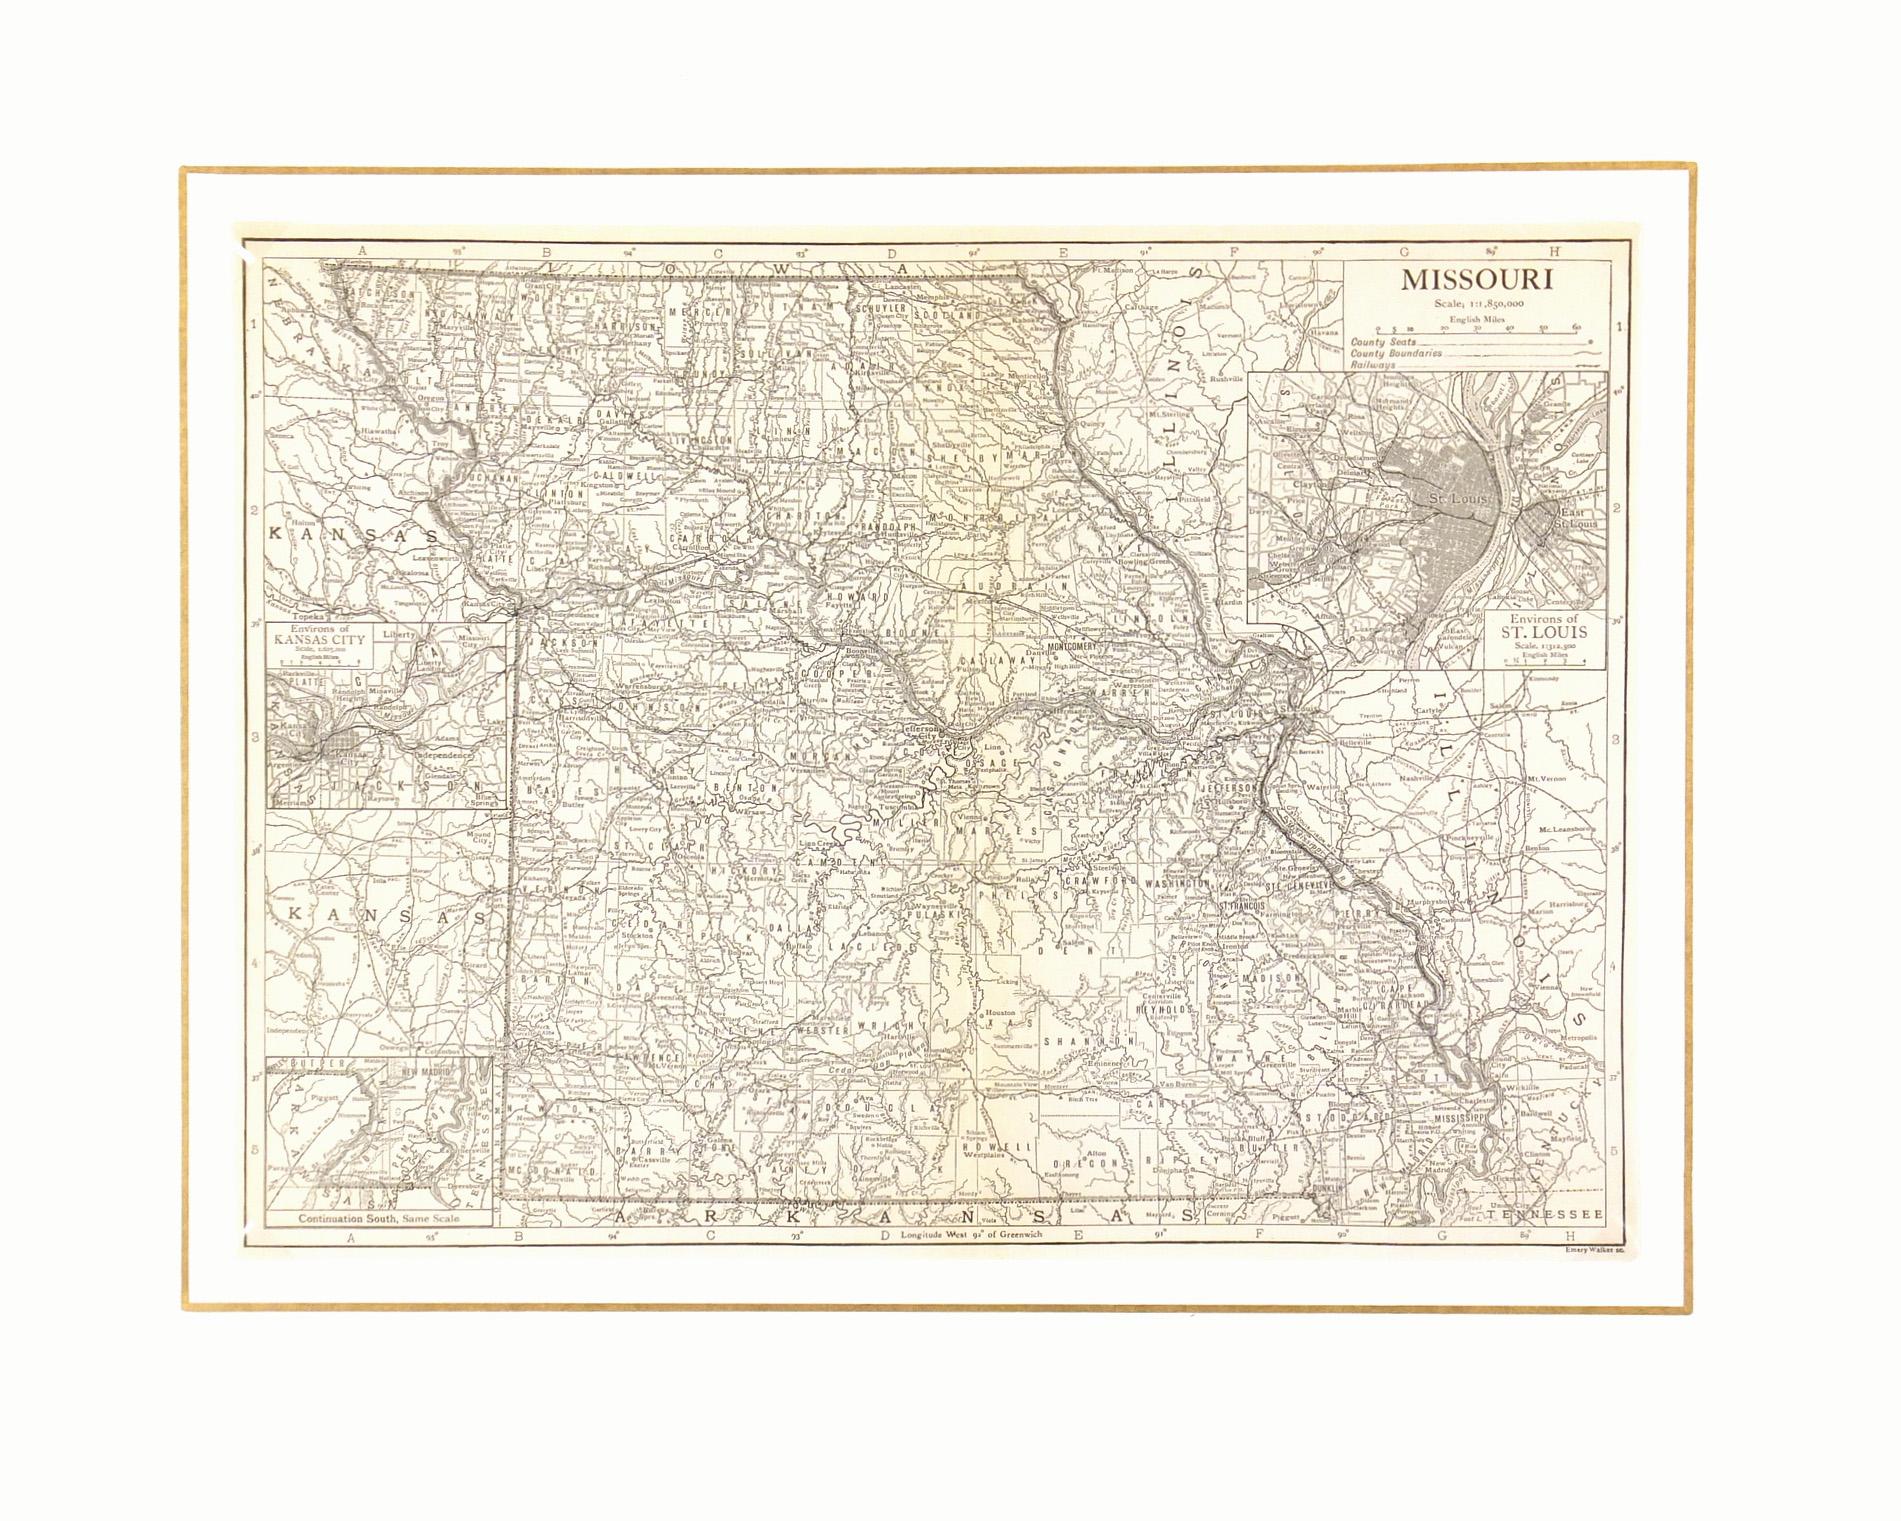 Missouri Map, 1910-matted-7403K